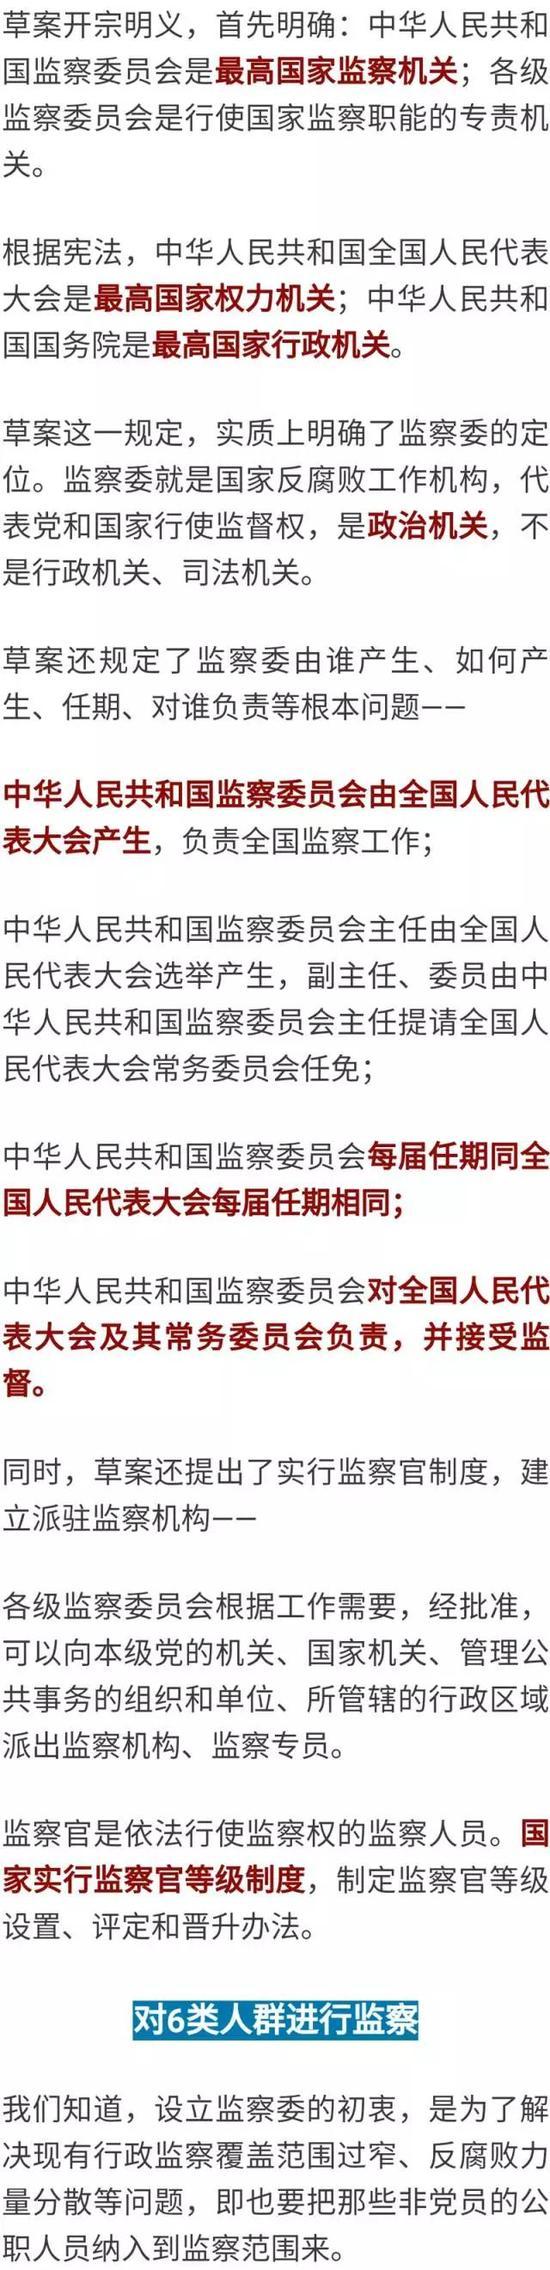 根据草案,监察机关将对6大类公职人员进行监察: